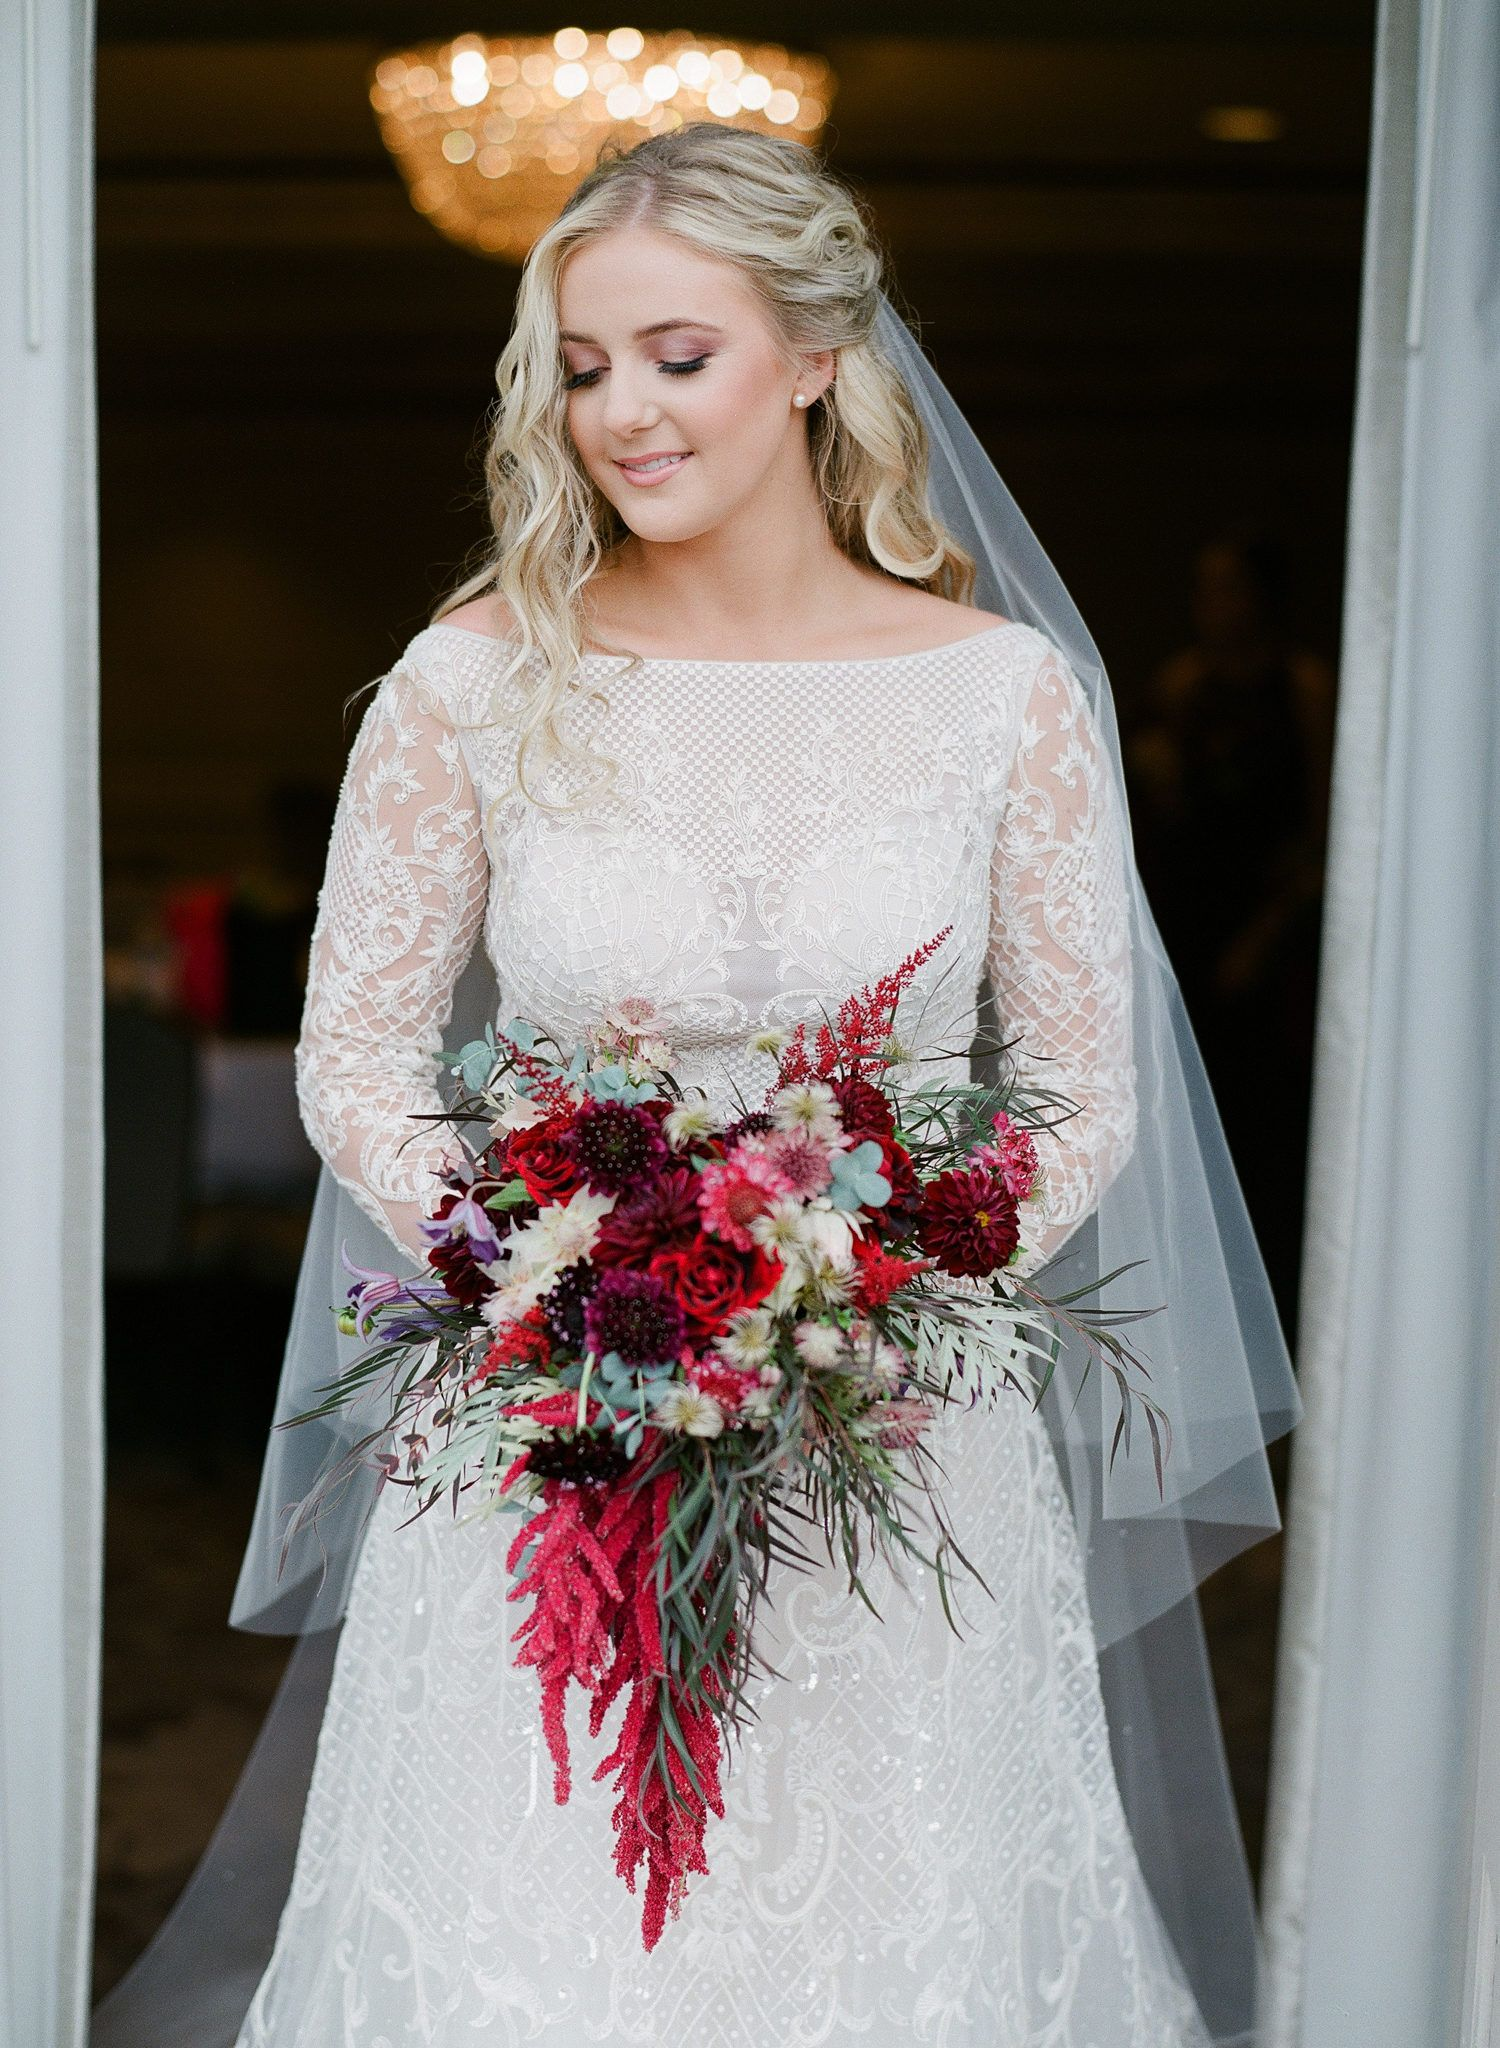 b9d95dcd61b A Romantic Wedding with Venetian Flair at the Ritz Carlton New Orleans